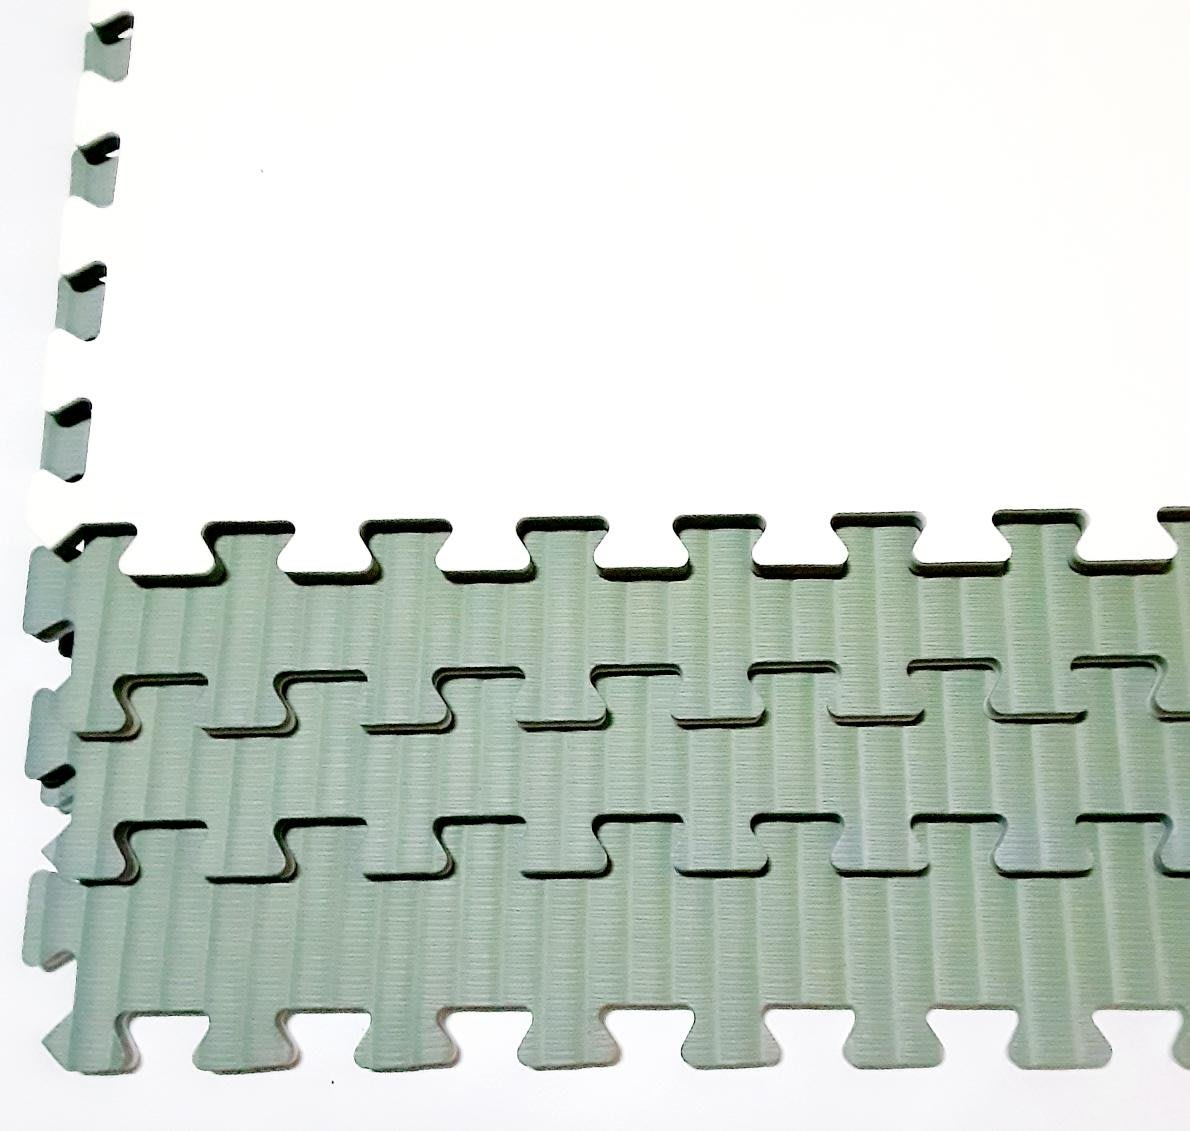 限時特賣/33元 台灣製造/不含甲醯胺 仿塌塌米 62*62*1.3cm 草蓆紋 符合國家CNS認證標準 防護墊 爬行墊